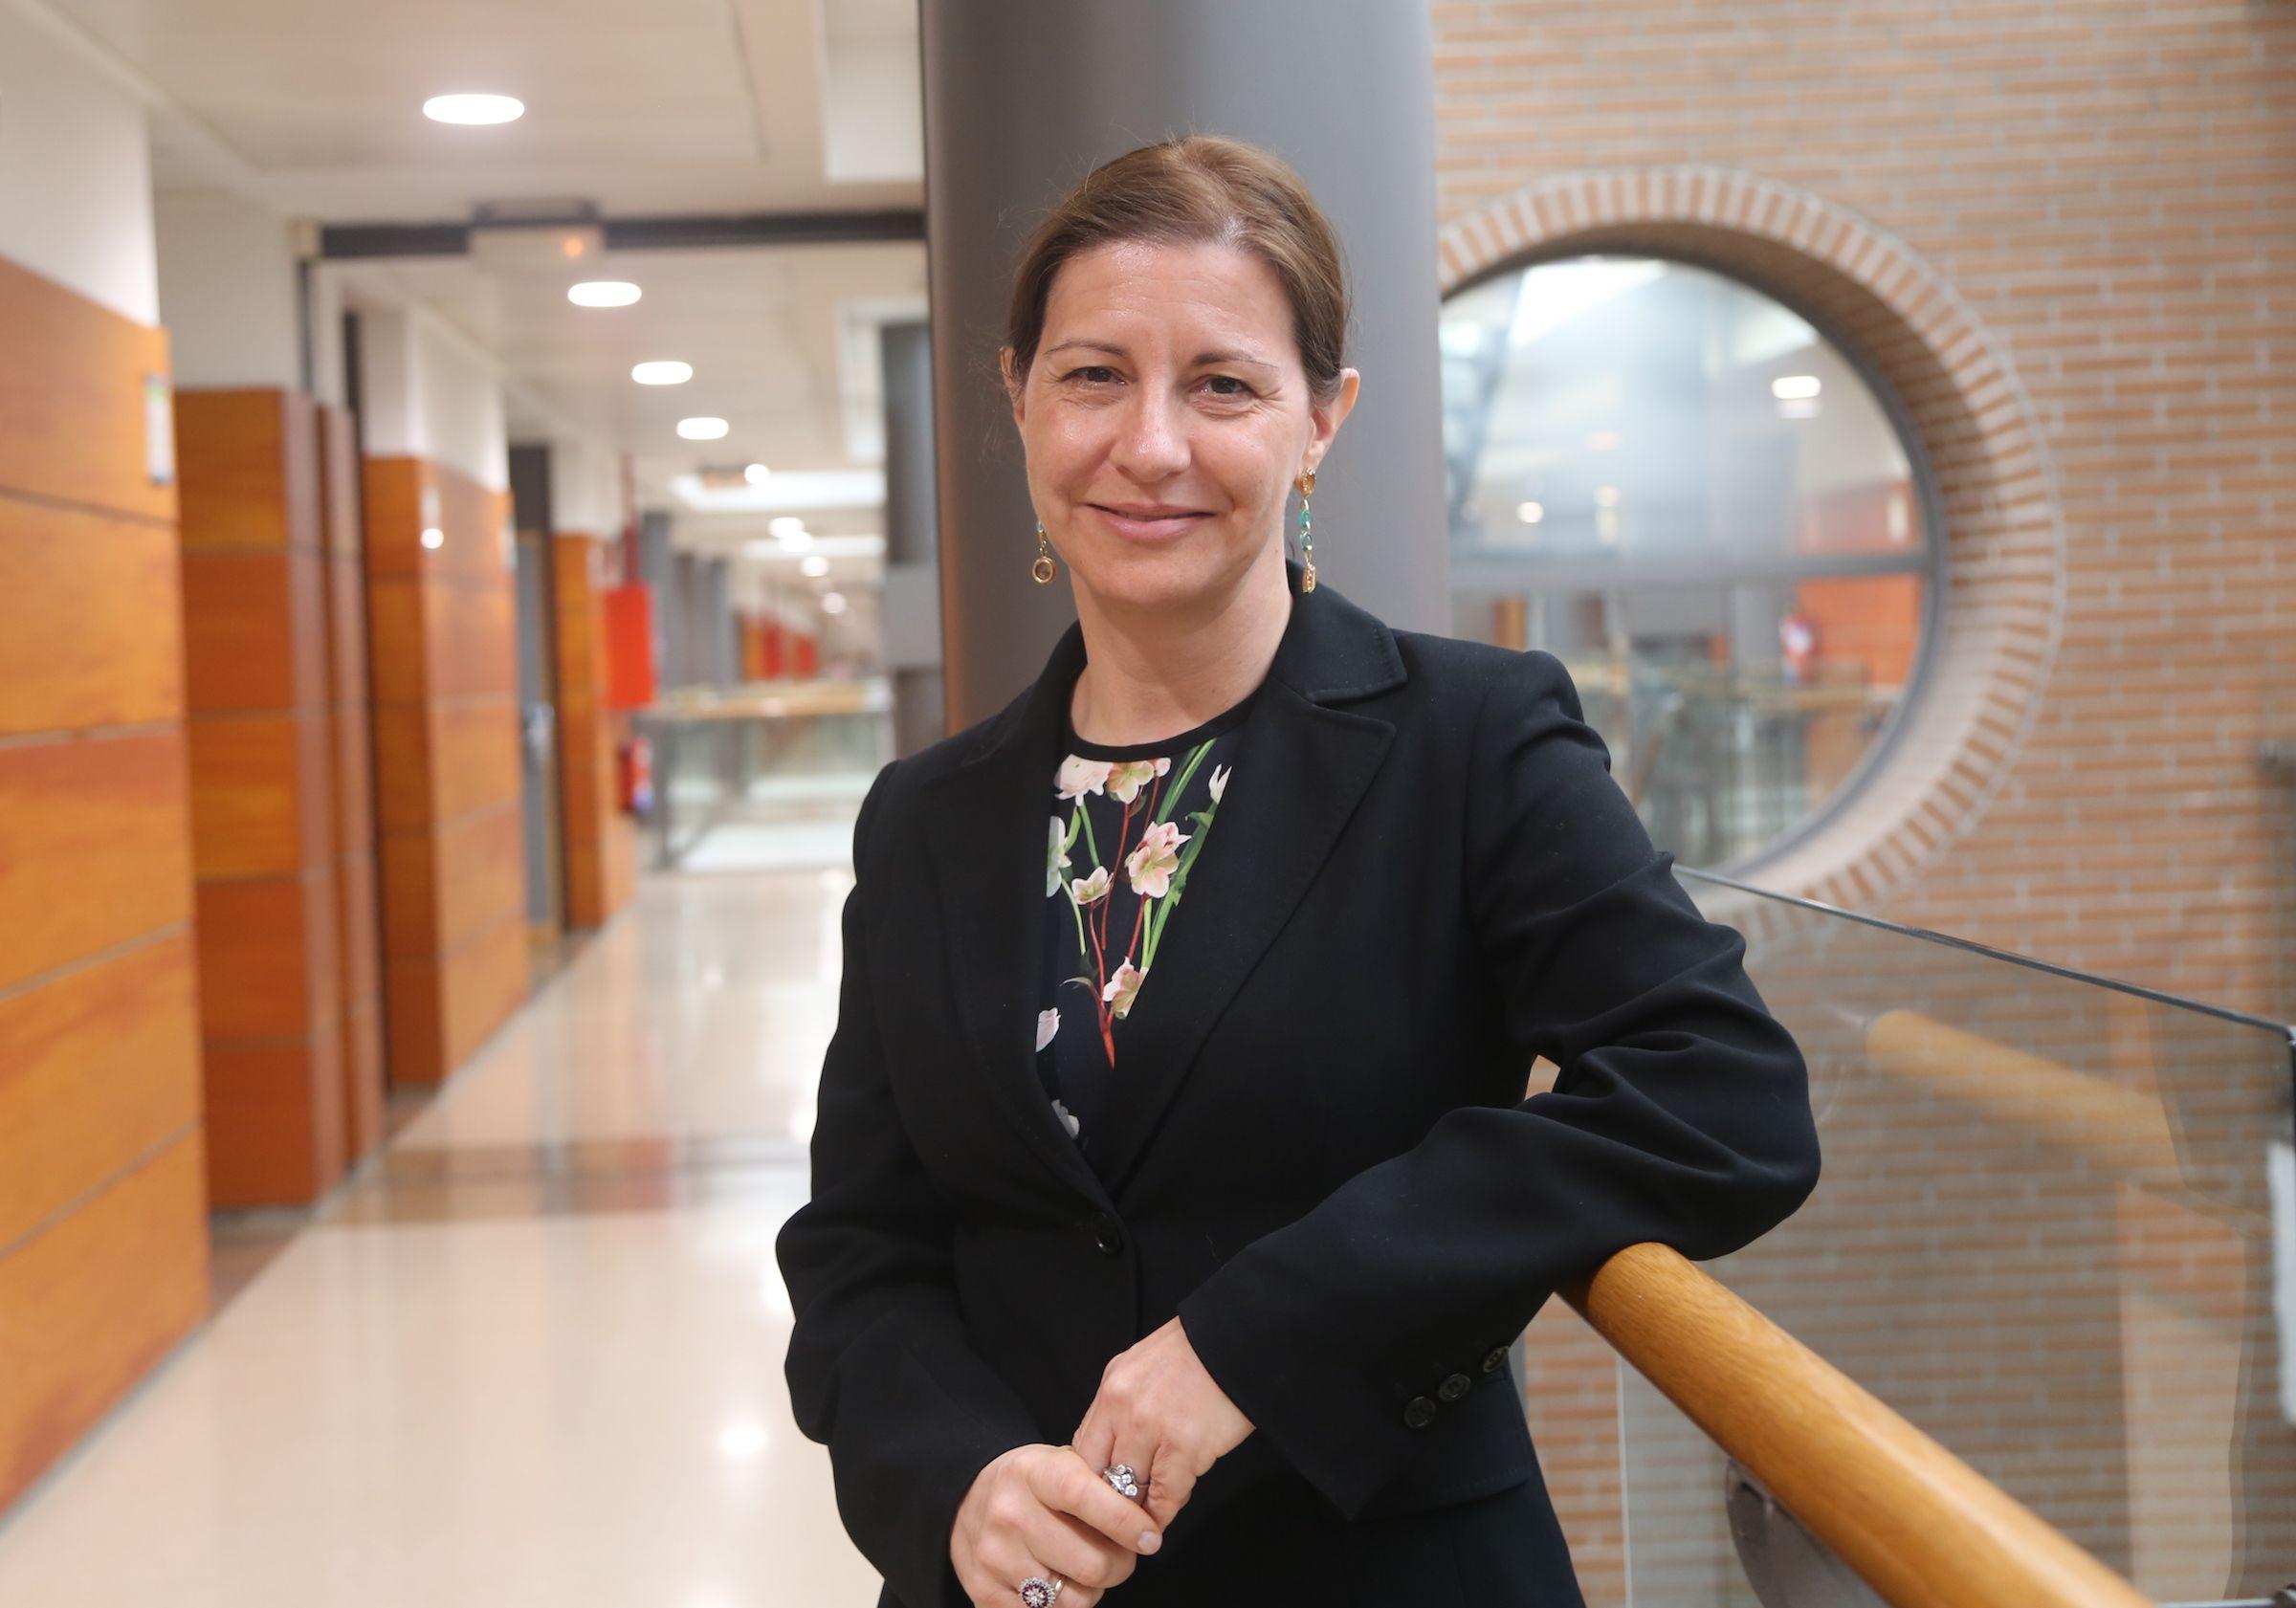 Susana Sanz, catedrática de la CEU UCH y juez 'ad hoc' del Tribunal de Estrasburgo.